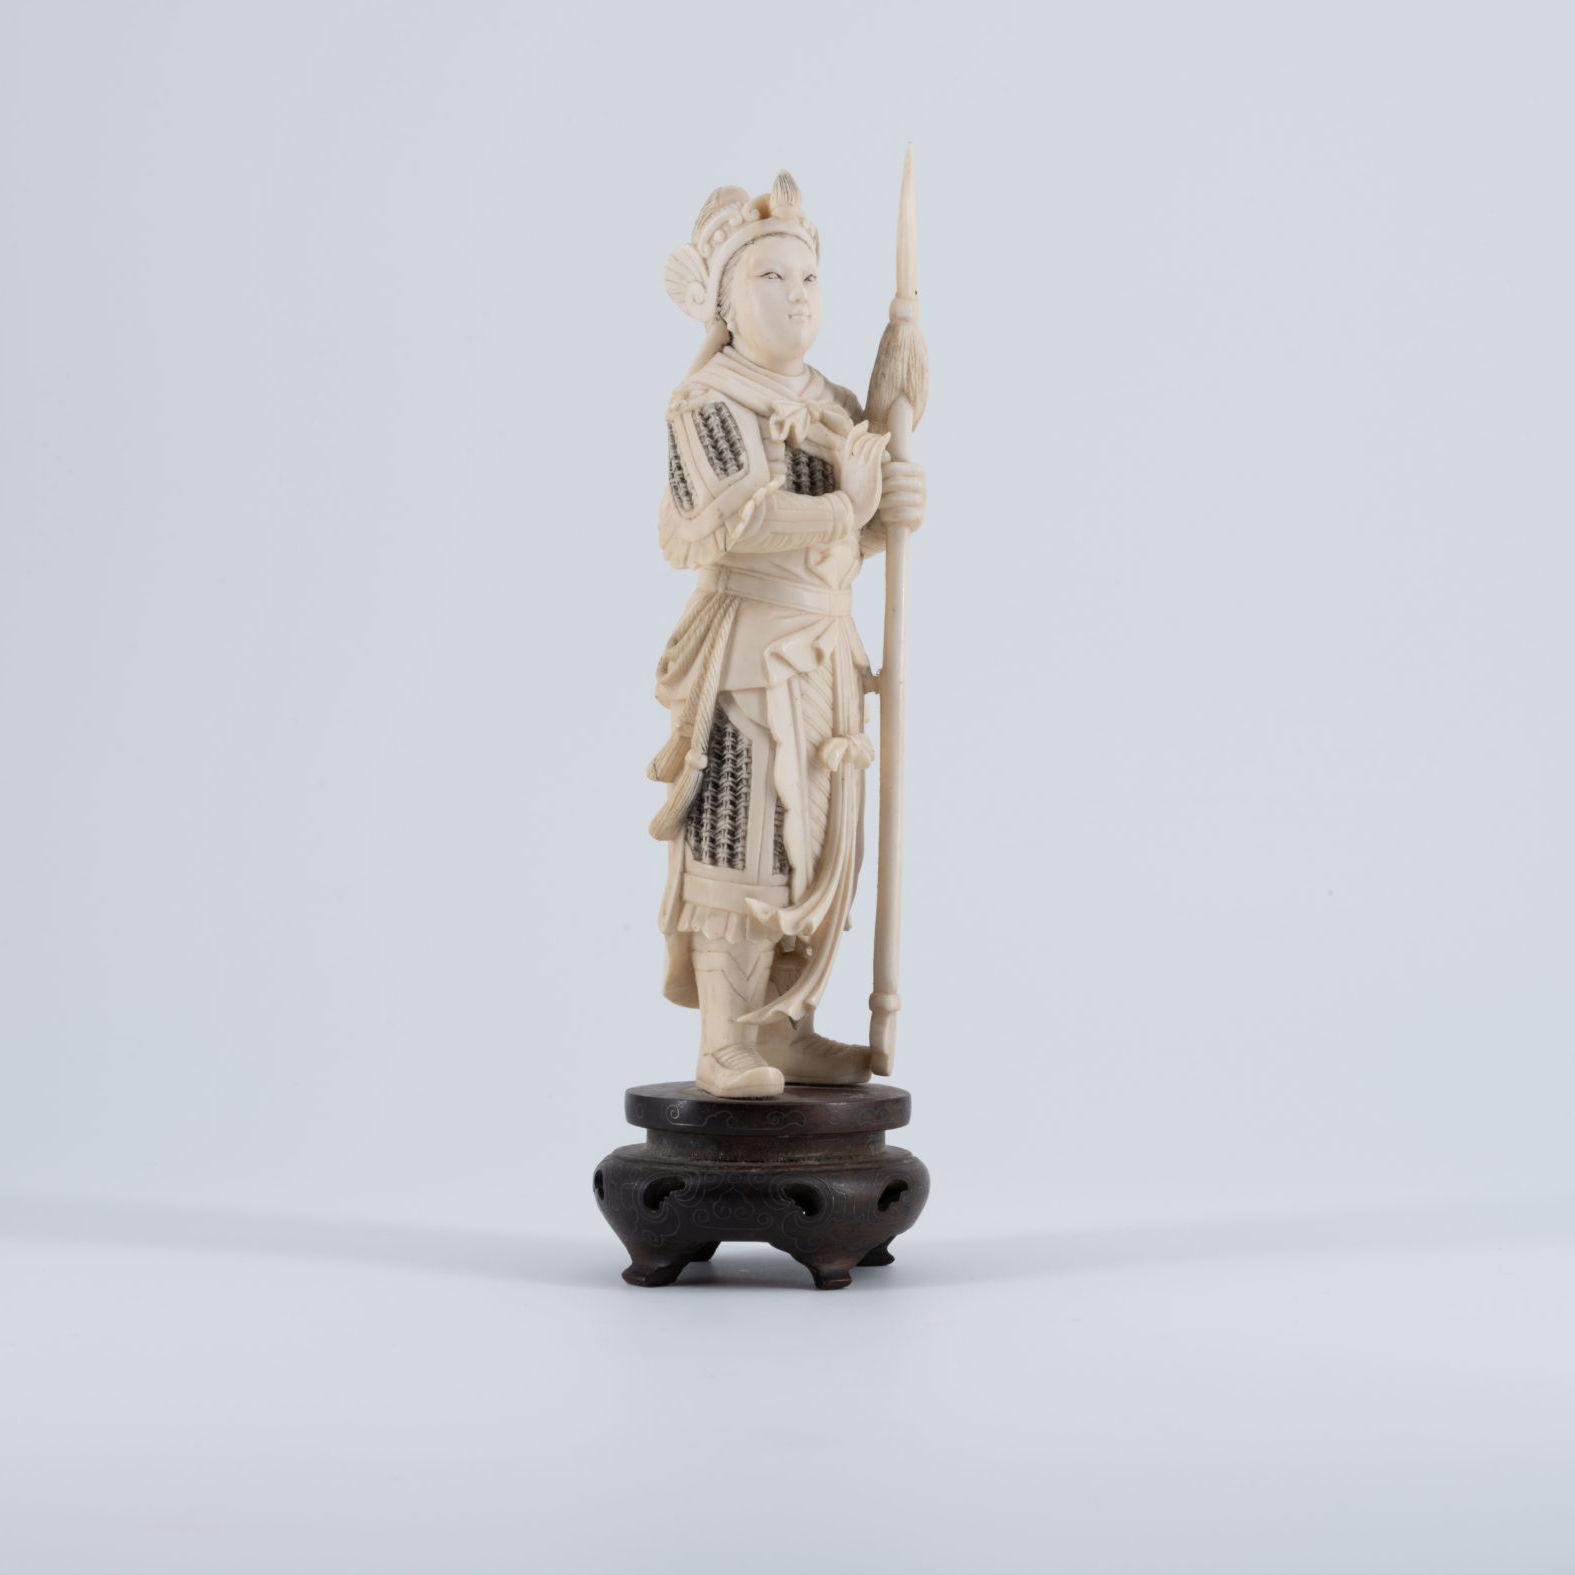 Okimono chinois en ivoire, XIXe siècle